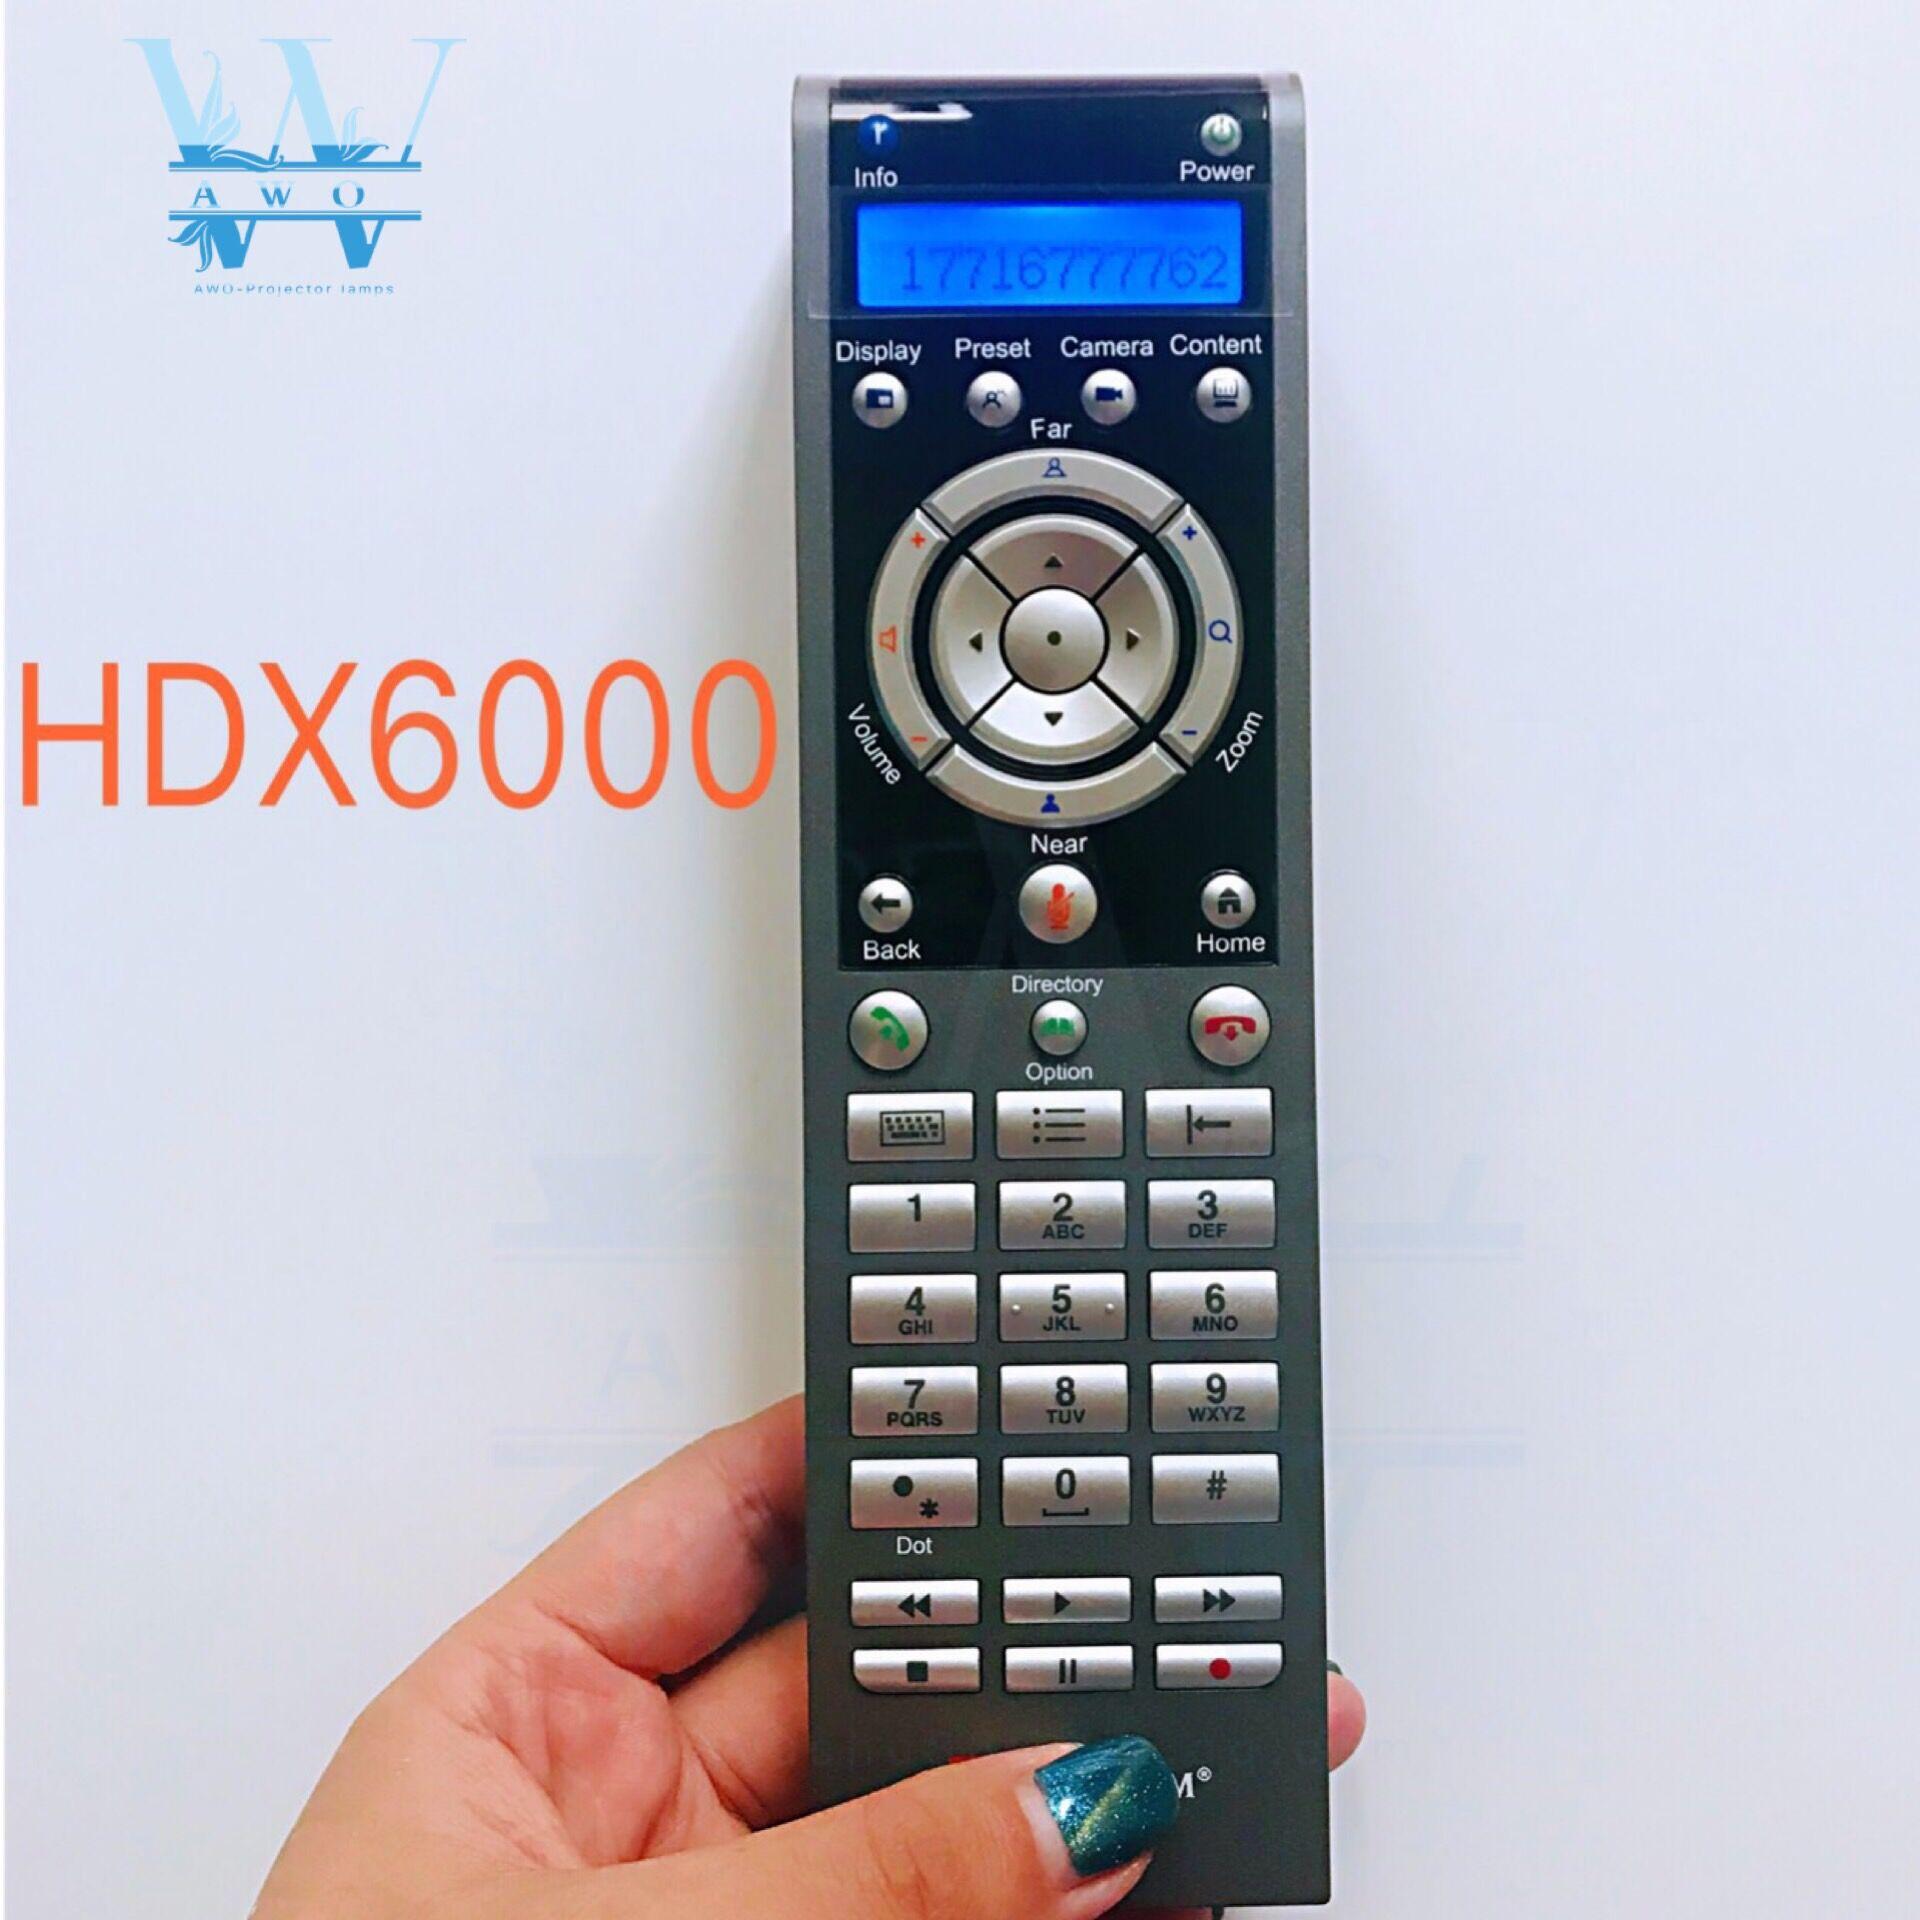 Nouvelle télécommande d'origine pour système de vidéoconférence pour Polycom HDX6000 HDX7000 HDX8000 HDX9000